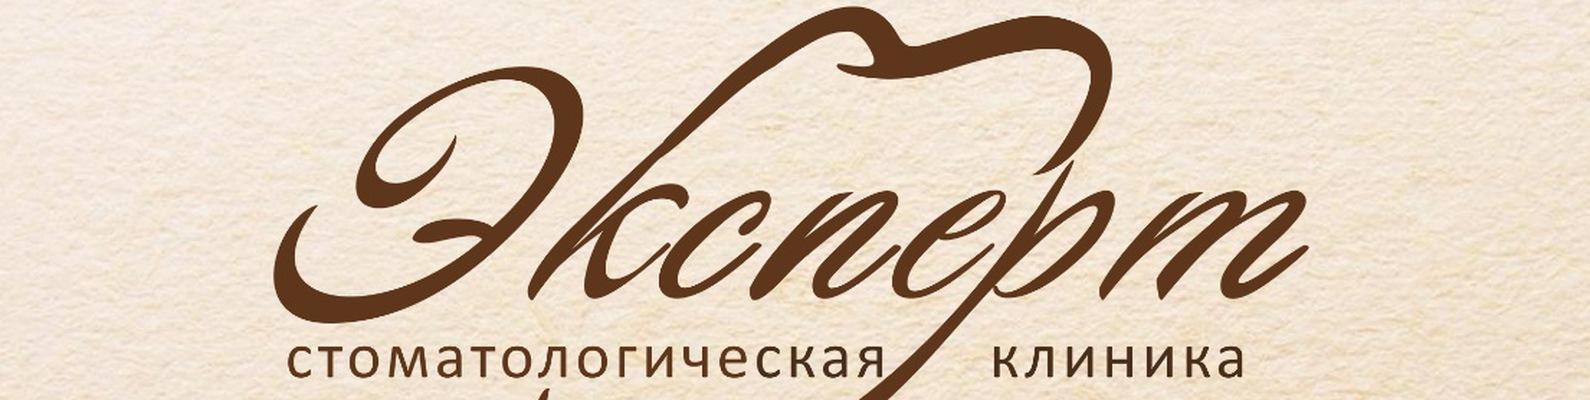 """Стоматологическая клиника """"ЭКСПЕРТ"""""""